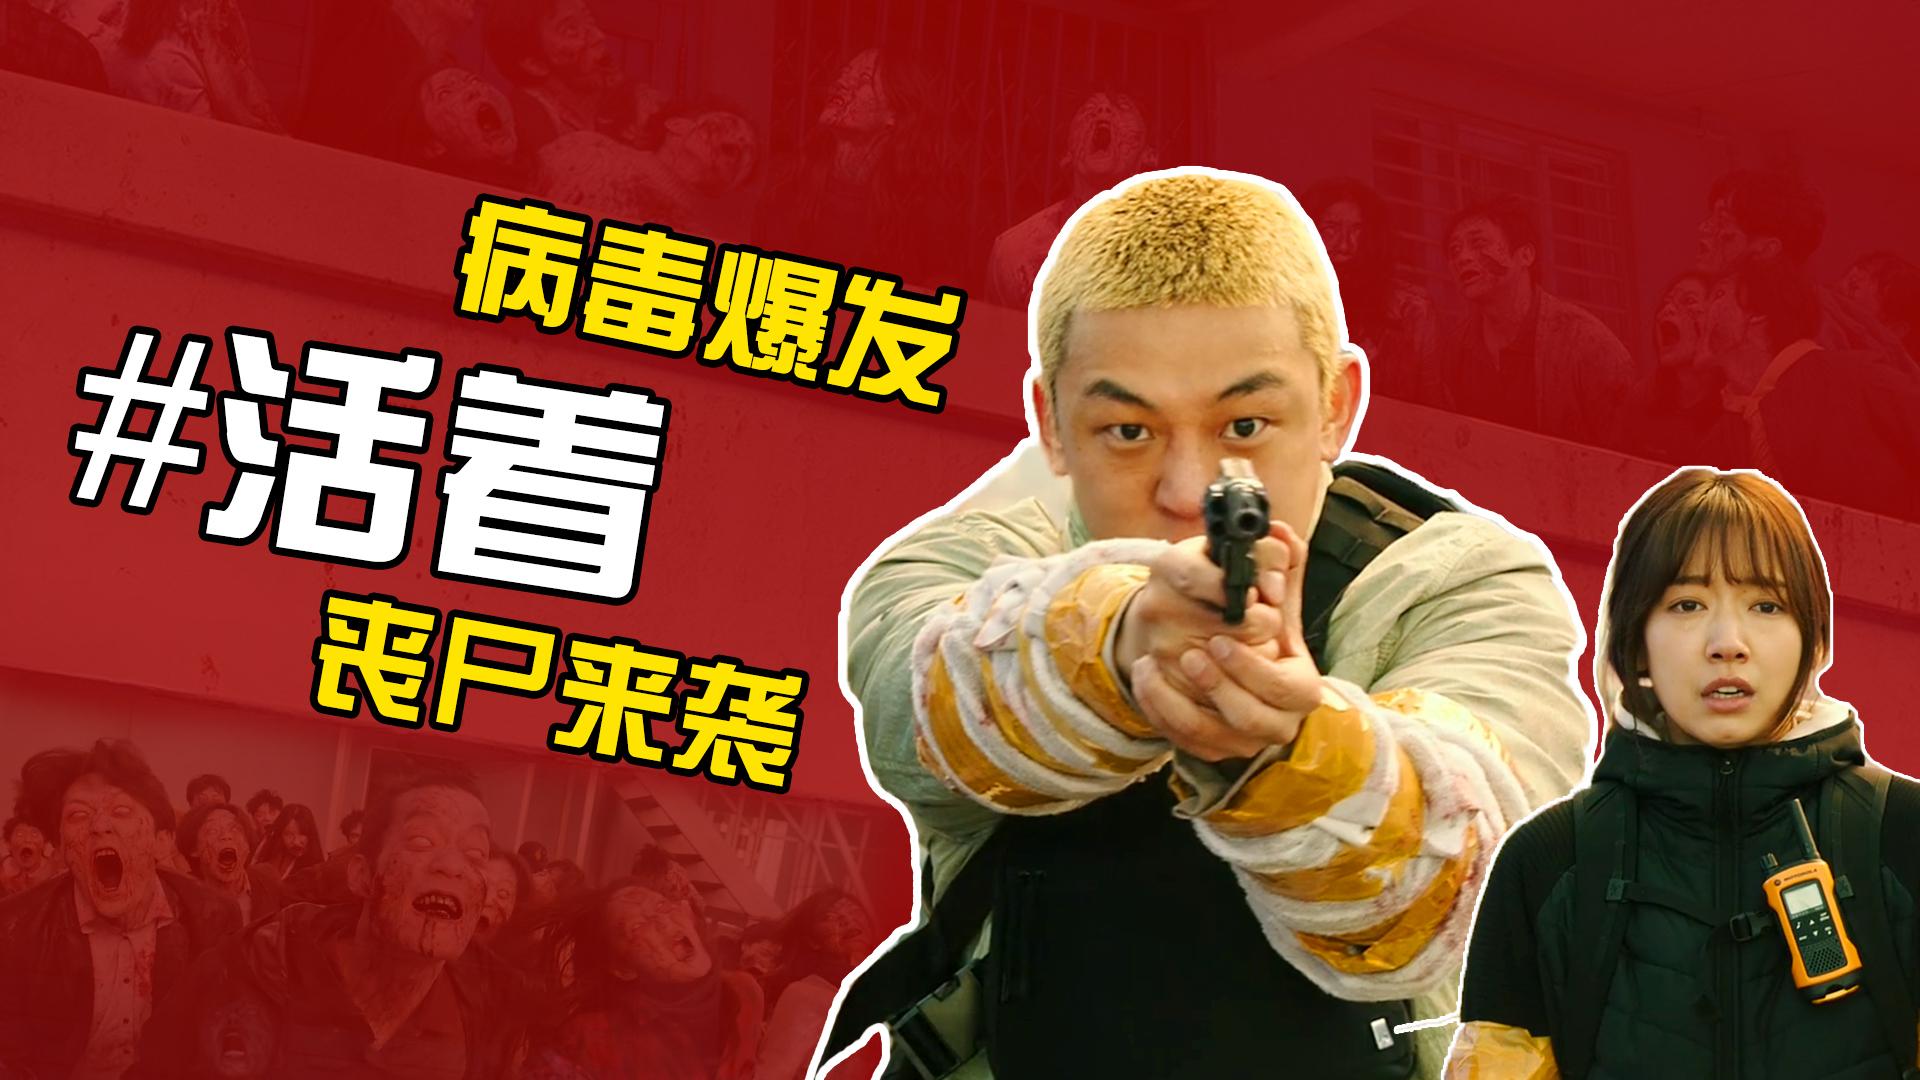 【超A新生计划】韩国灾难丧尸片《#活着》,病毒爆发丧尸围城,吃鸡博主被困家中用无人机求生!